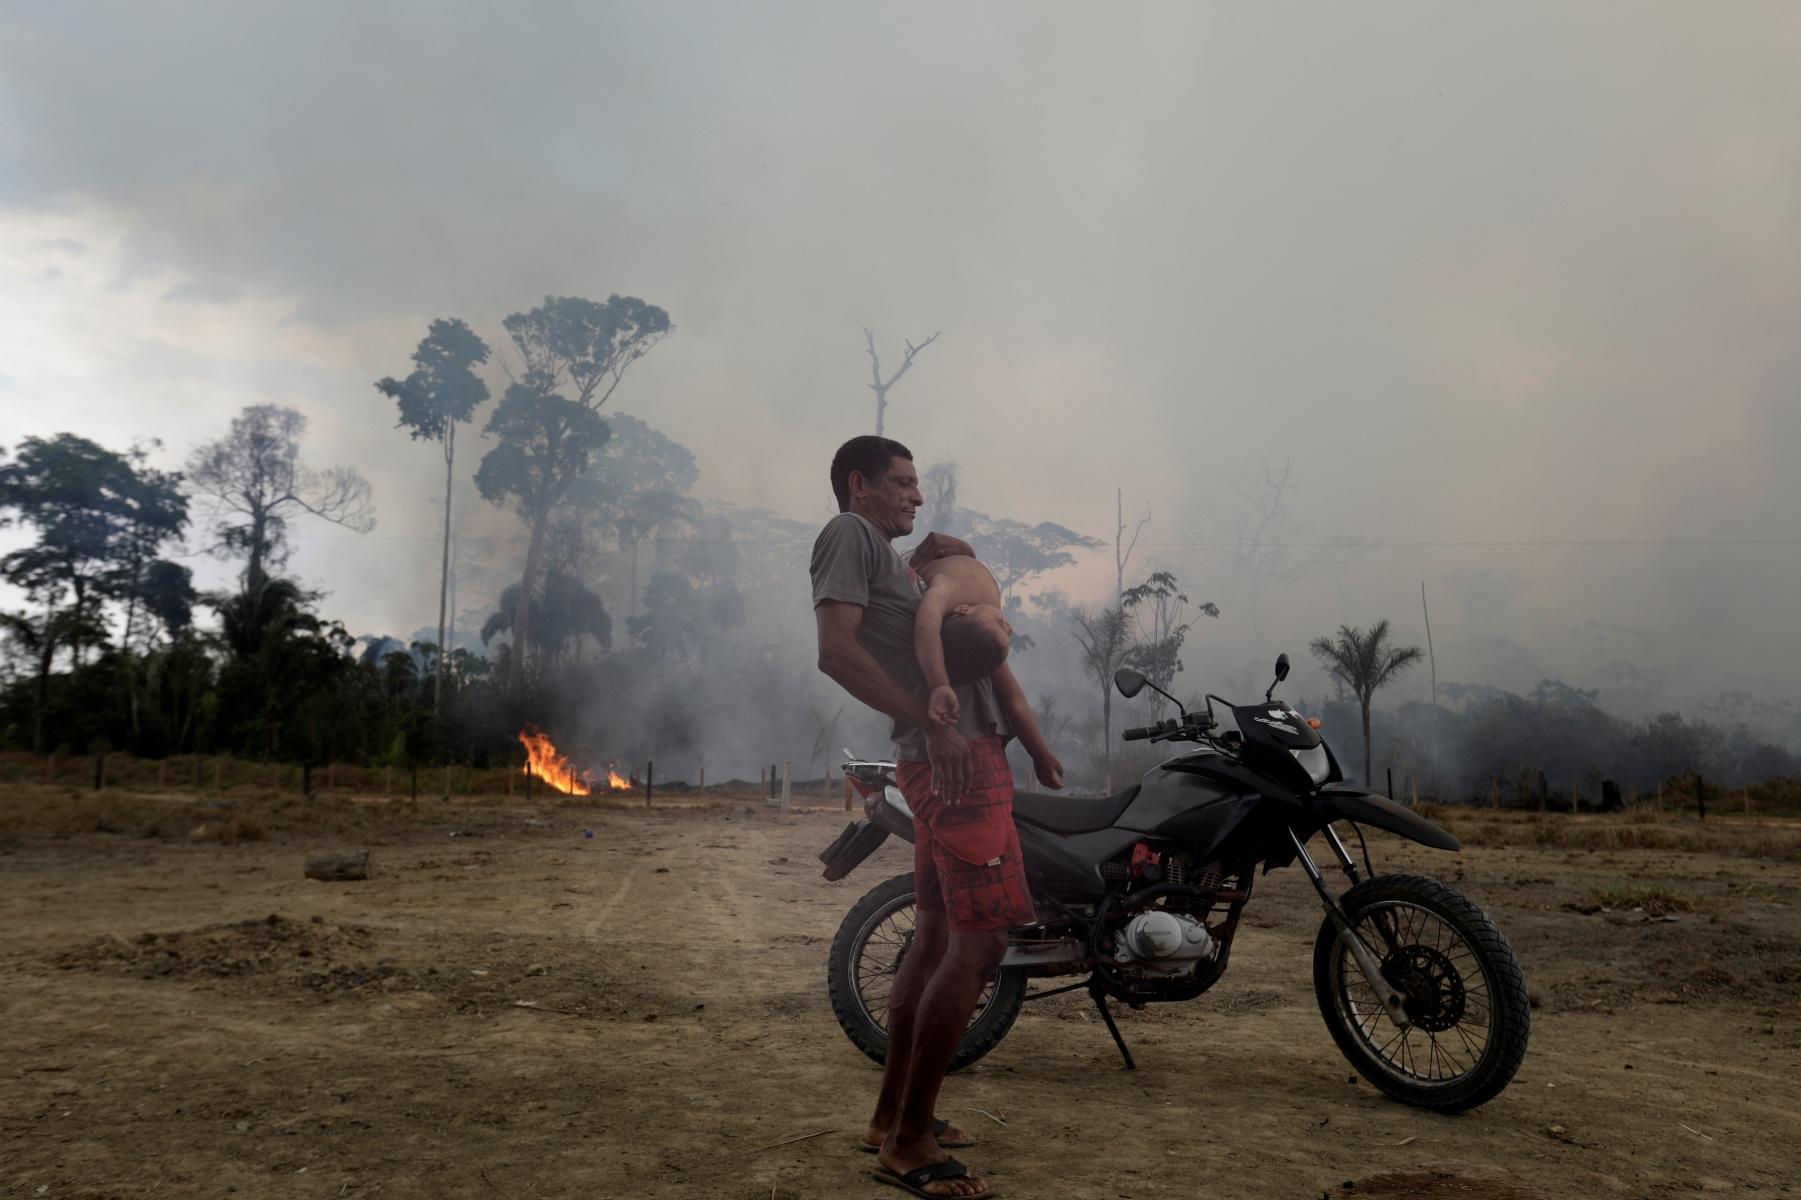 Άγρια δύση ο Αμαζόνιος! Εκτέλεσαν υπερασπιστή των αυτόχθονων μπροστά στην οικογένειά του!